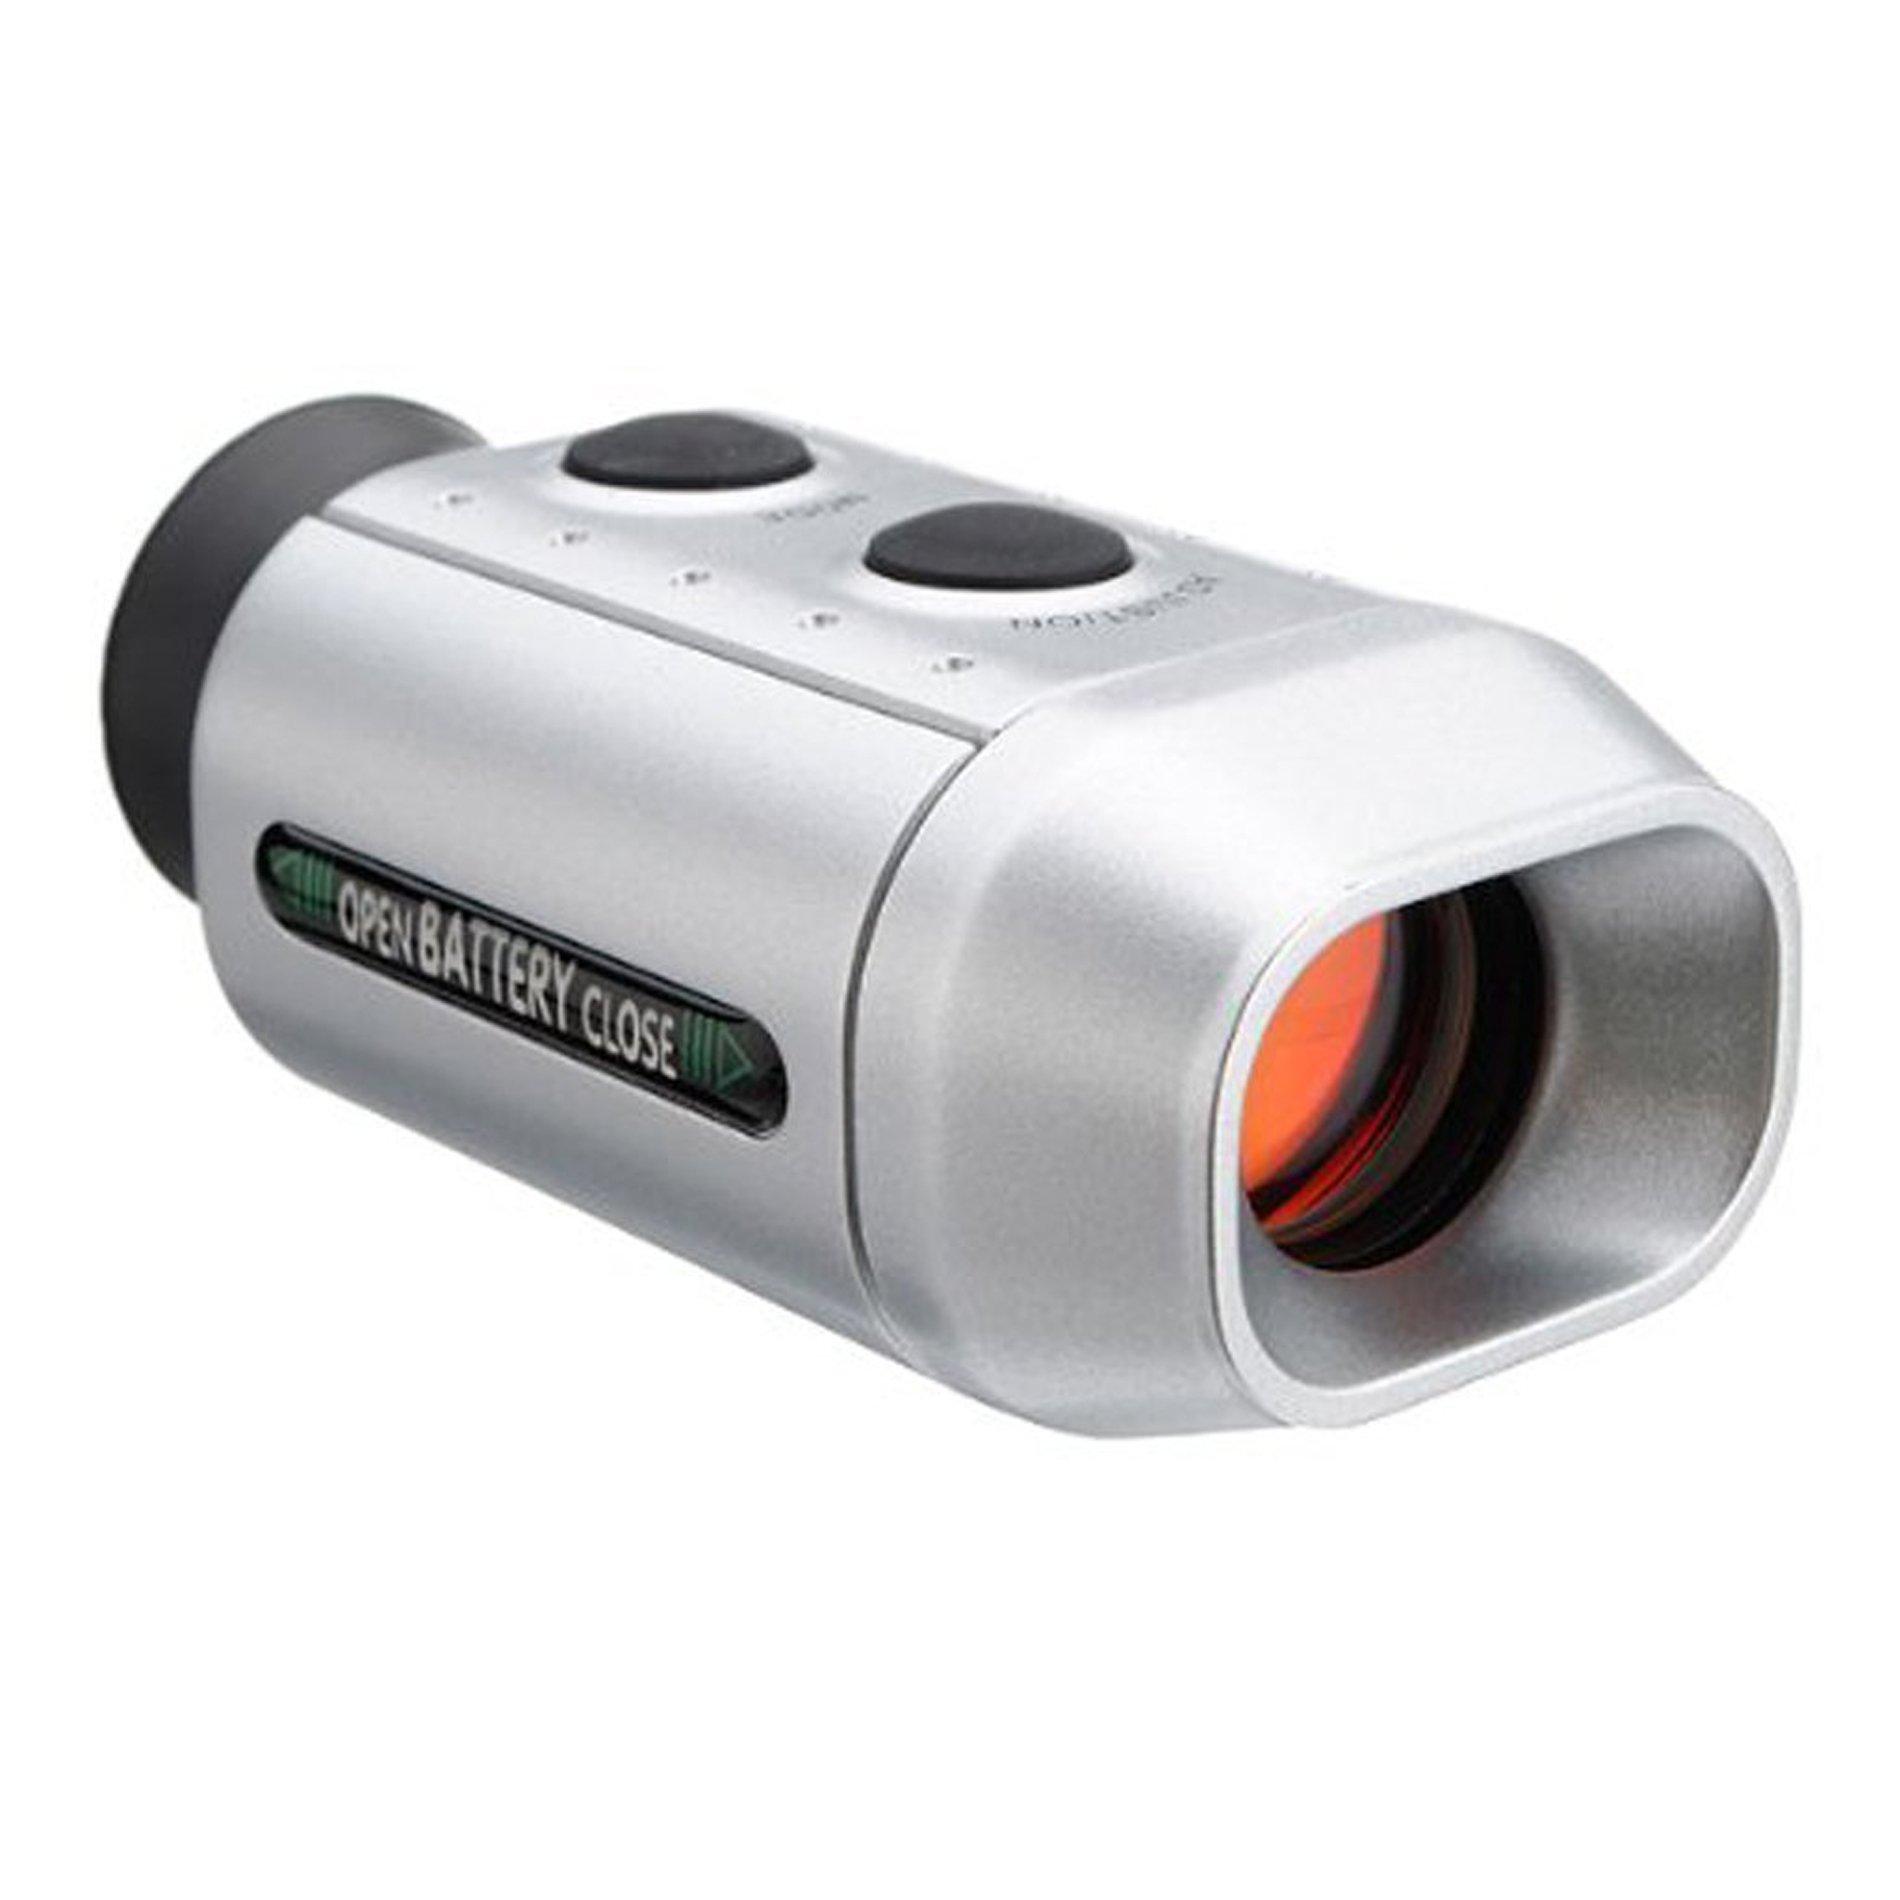 POSMA GF200 Golf Rangefinder Scope Digital Pocket 7x Zoom Golf Range Finder Magnification Distance Measurer by IDS Home (Image #3)